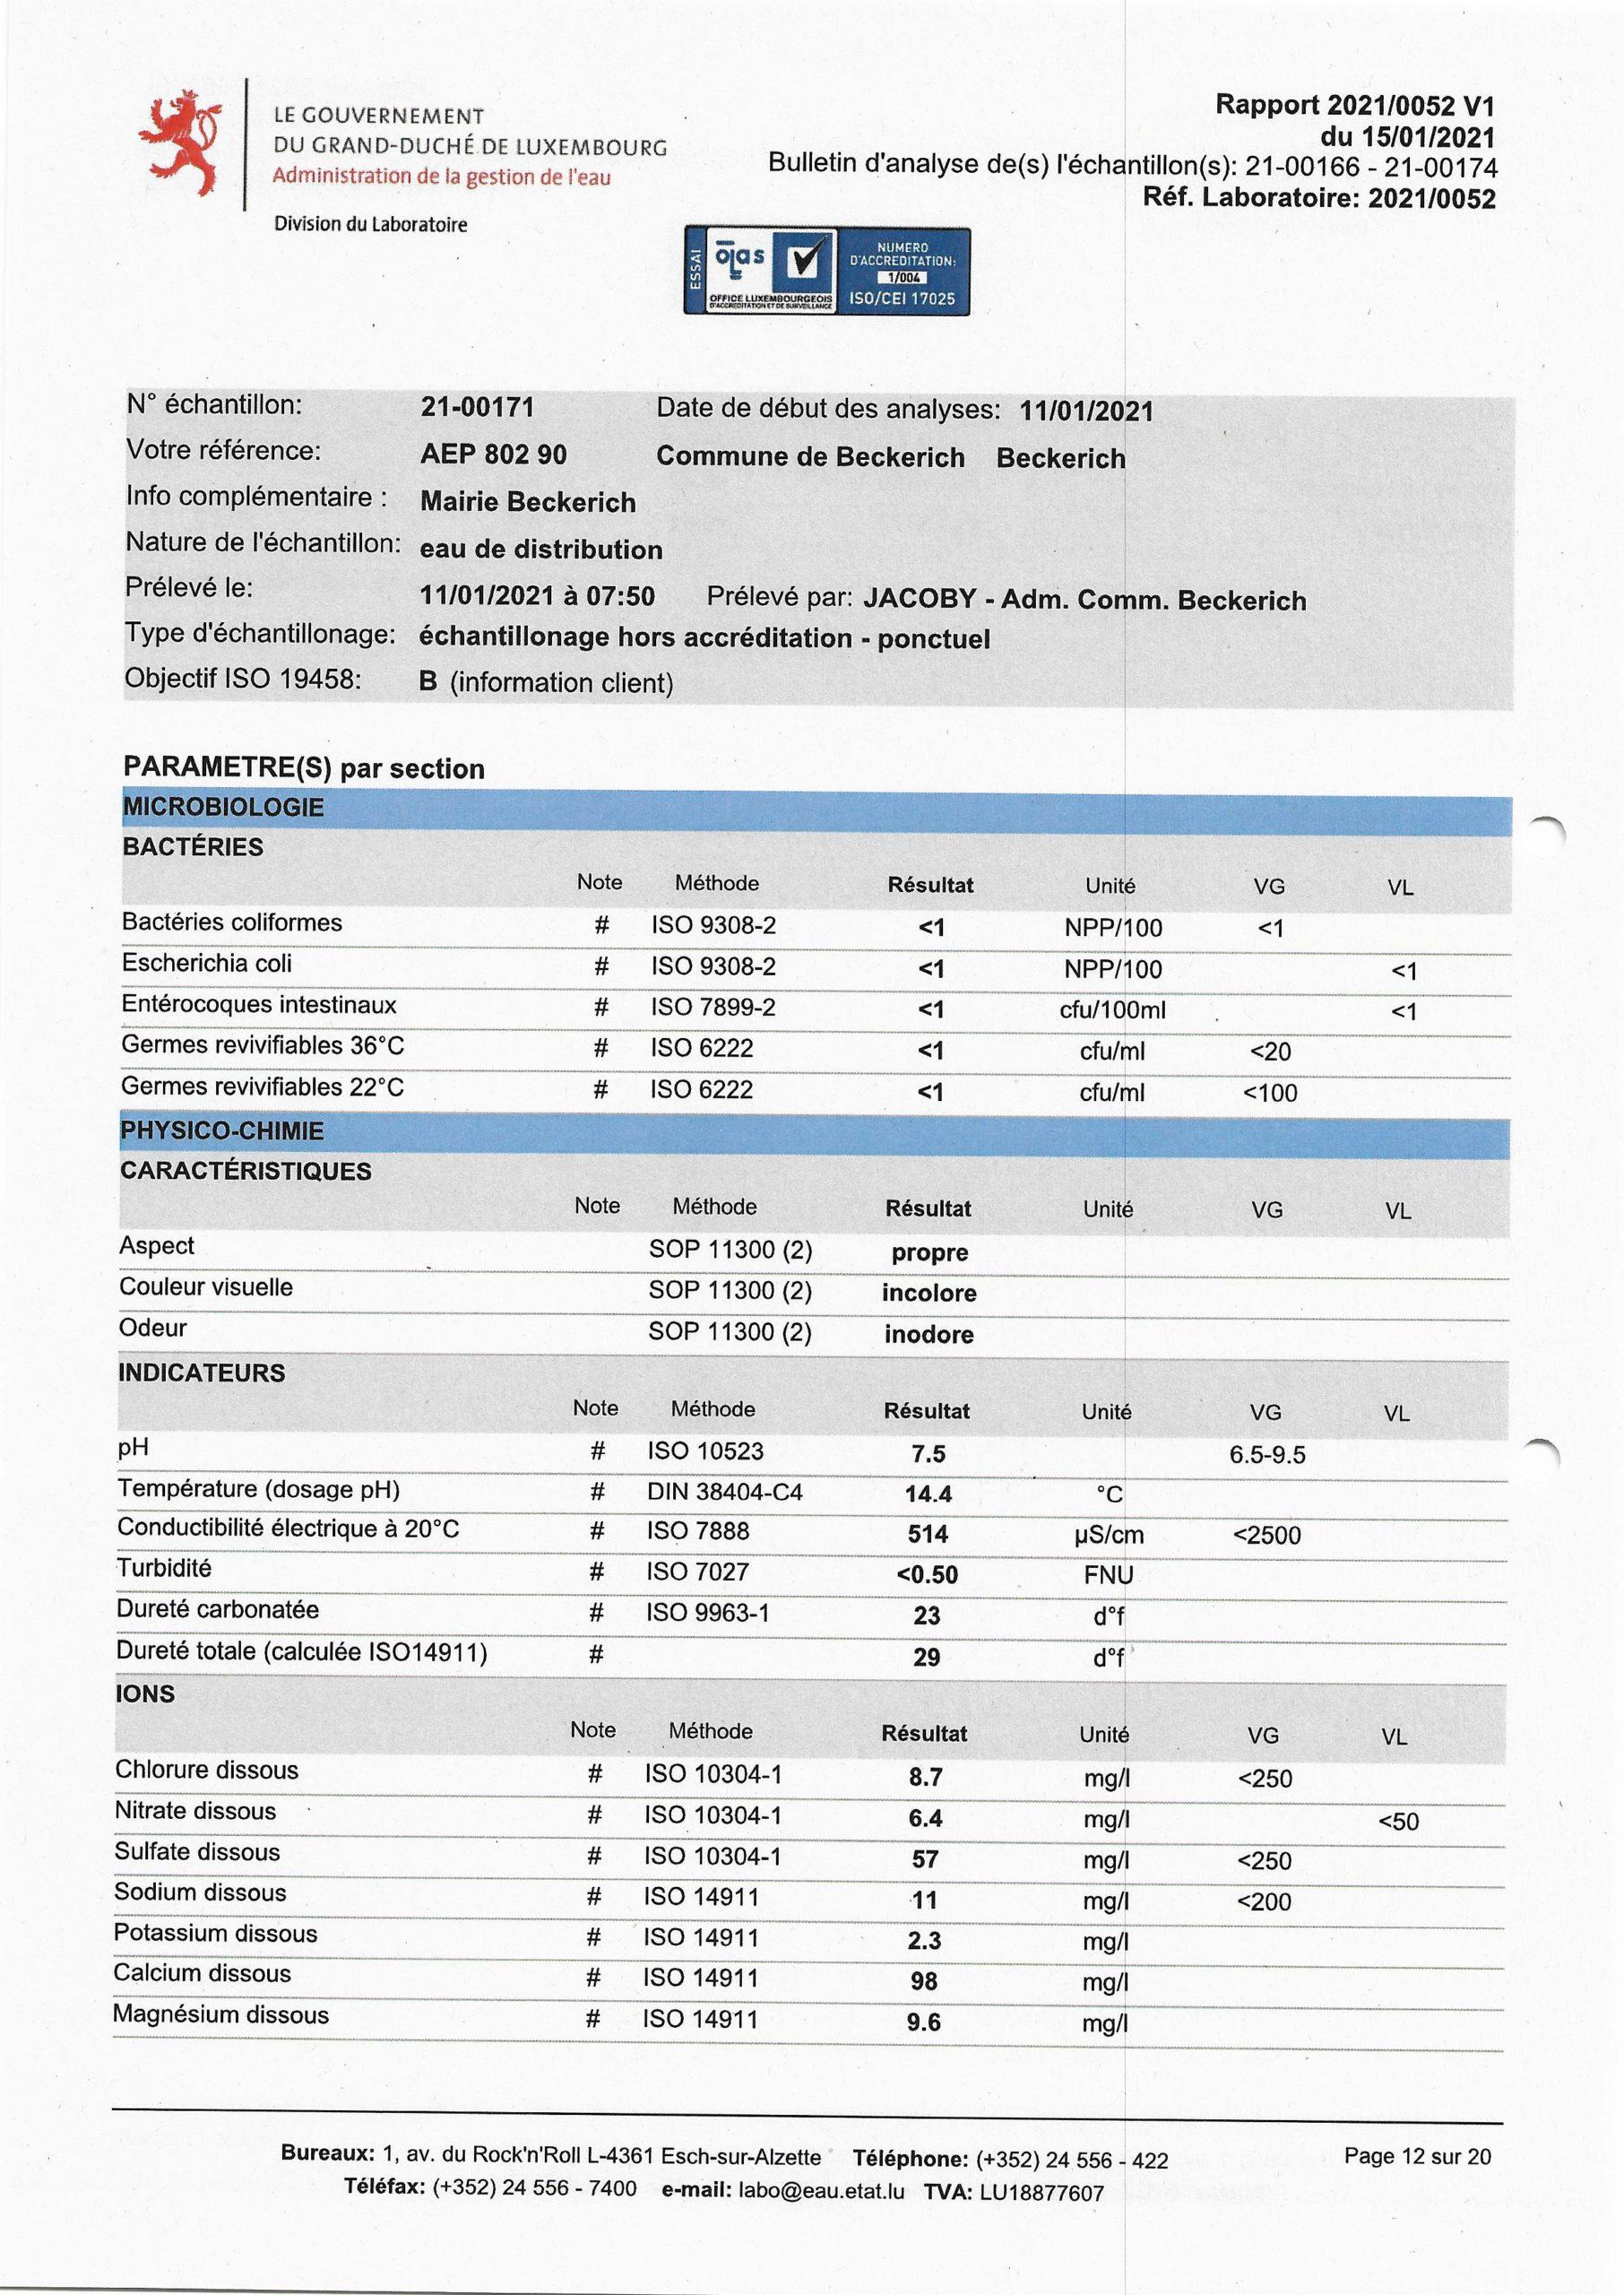 analyses d'eau du 21.01.2021 page 1